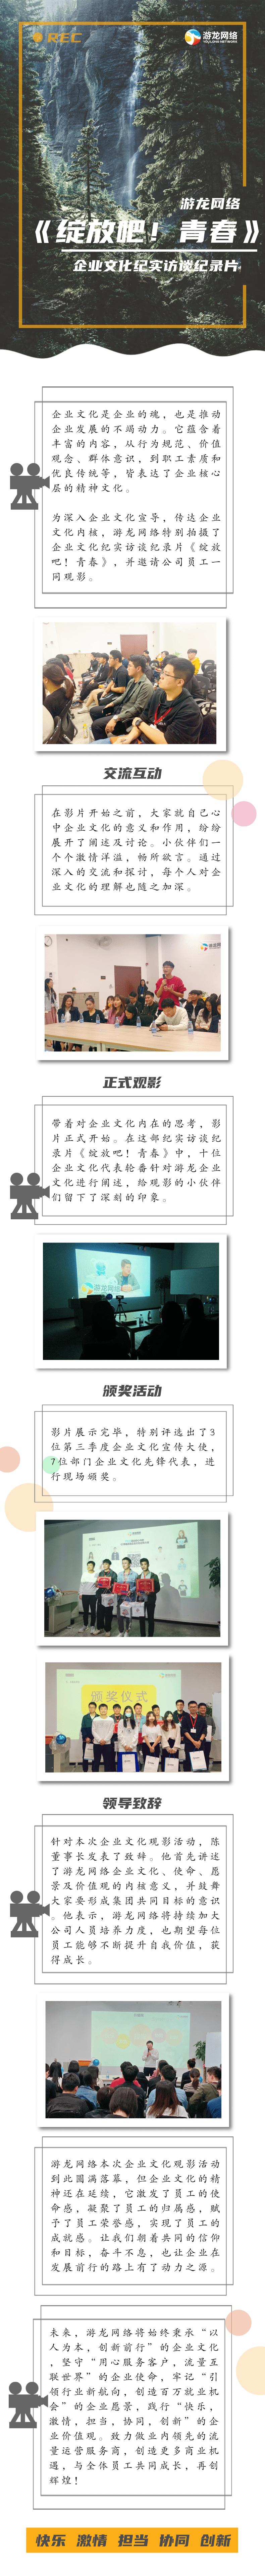 游龙网络企业文化宣传@凡科快图 (2).png